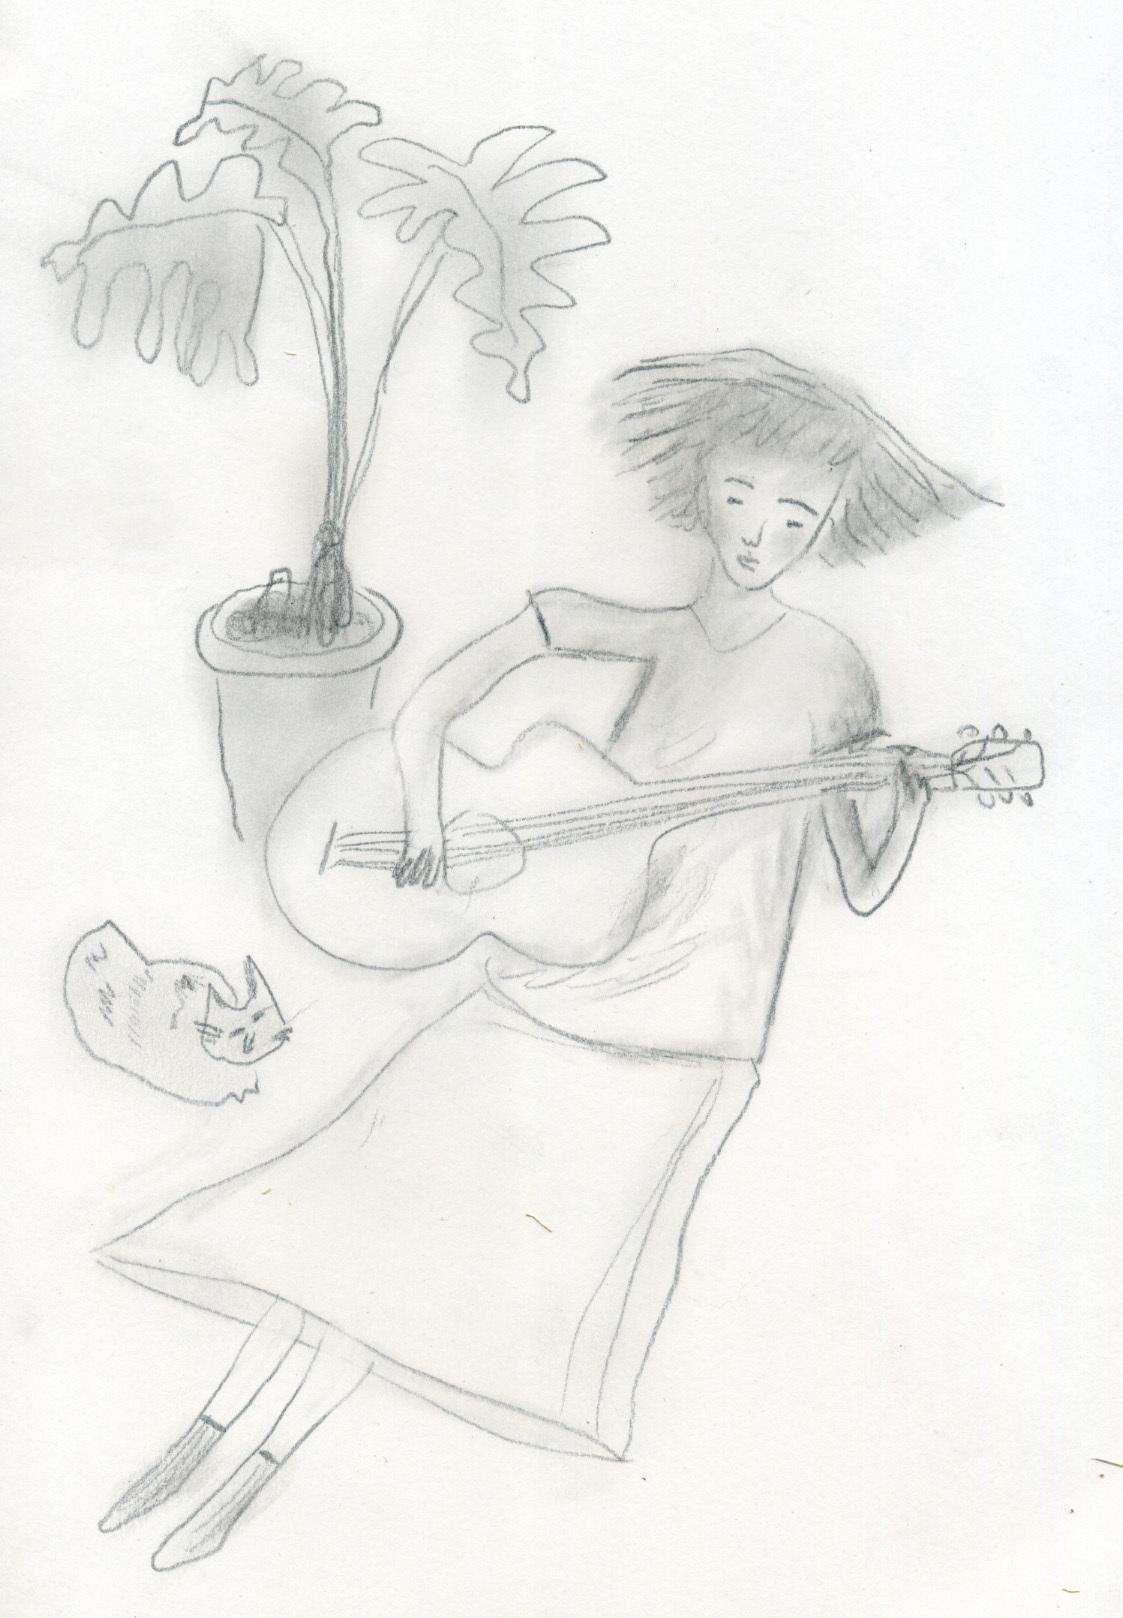 明日から、青木菜穂の絵画 始まります_c0218903_10452372.jpeg